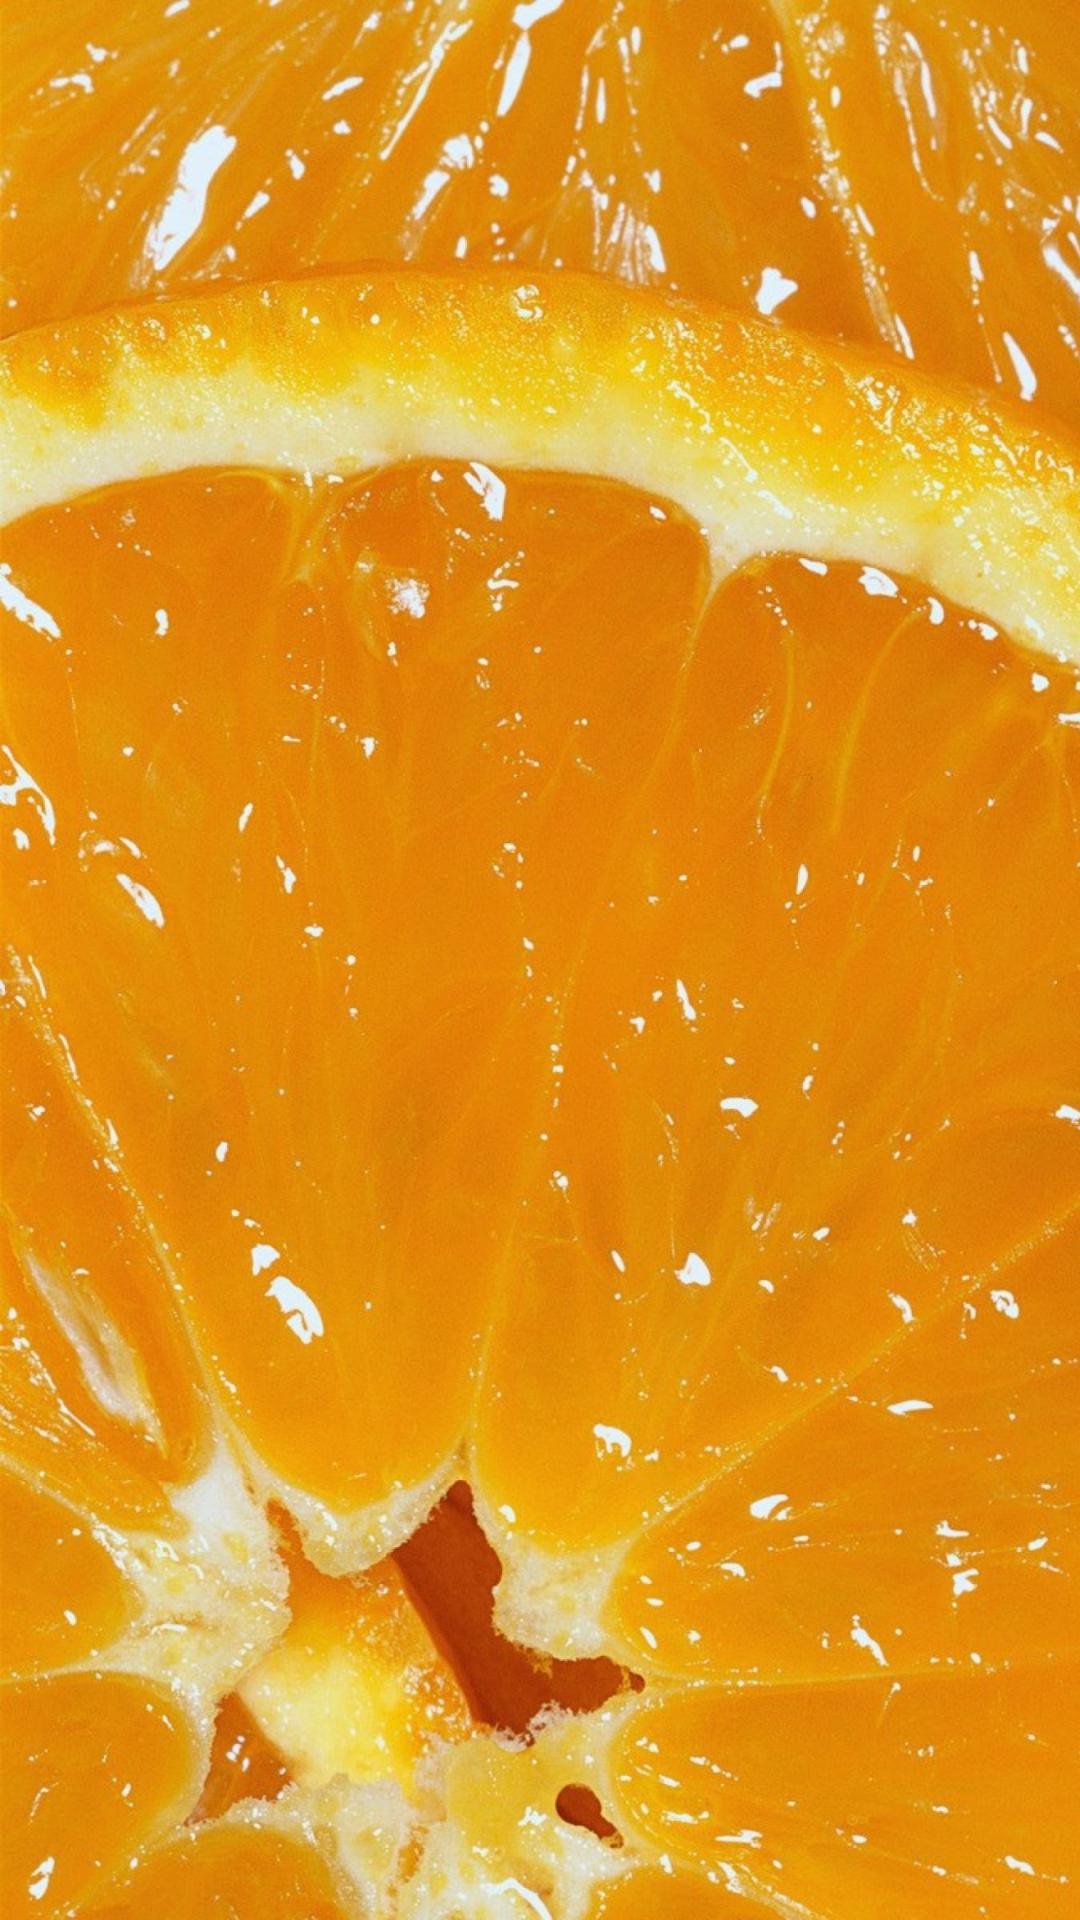 тот, судьбоносный оранжевые картинки на телефон обои несут руках